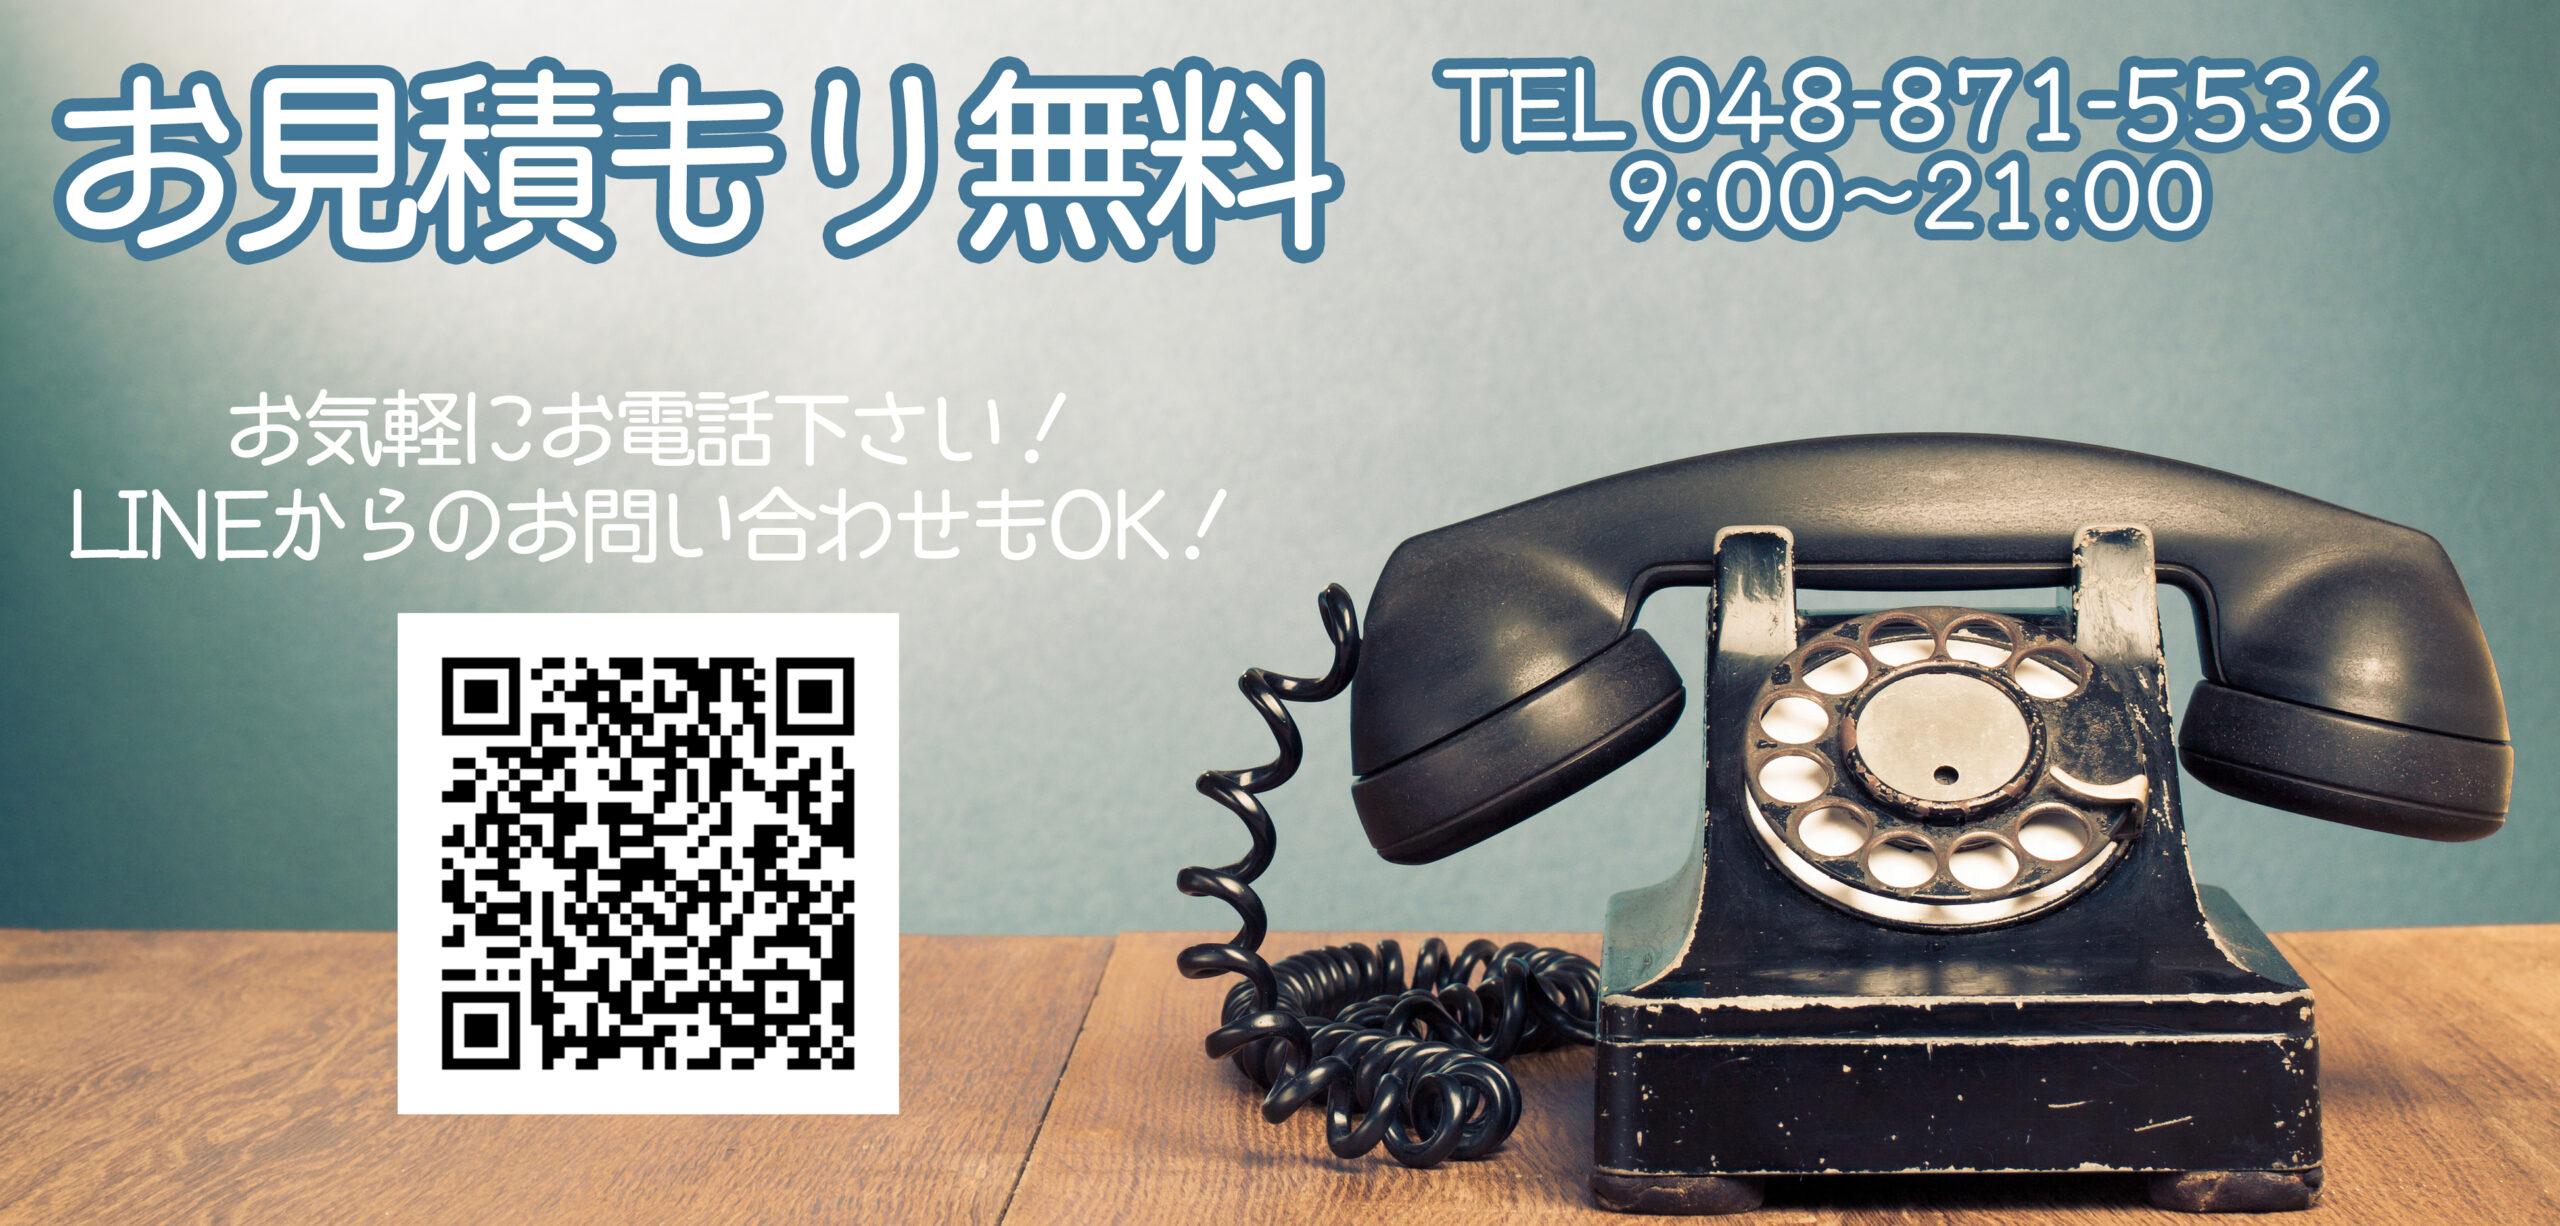 お見積り無料 9:00~21:00 TEL048-871-5536 お電話ください!